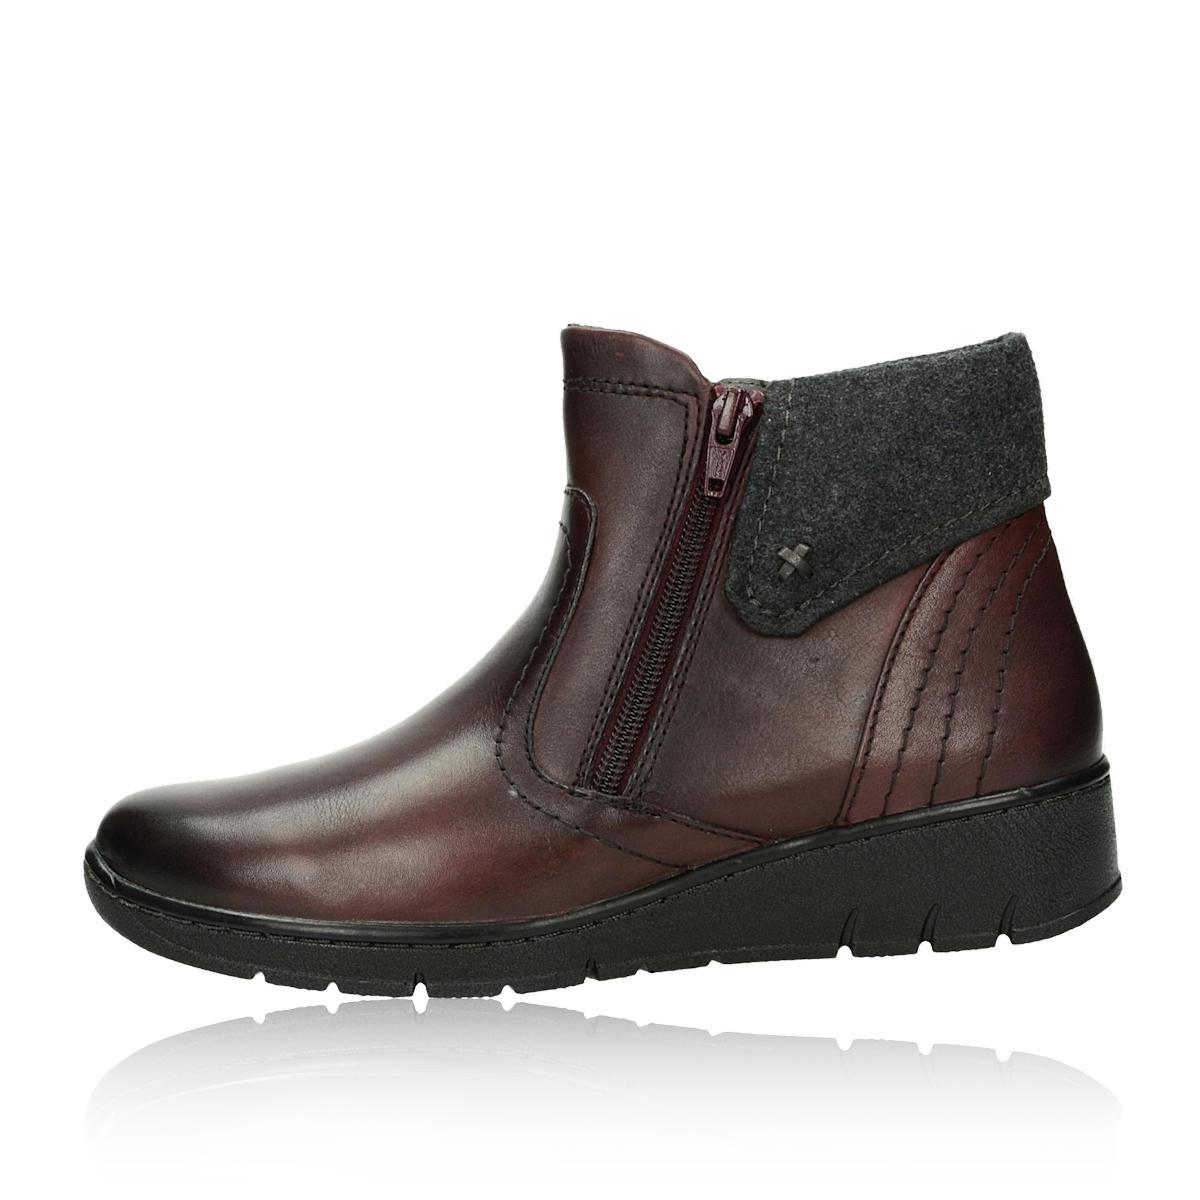 e3f007a5408 ... Jana dámské pohodlné kotníkové boty - bordó ...